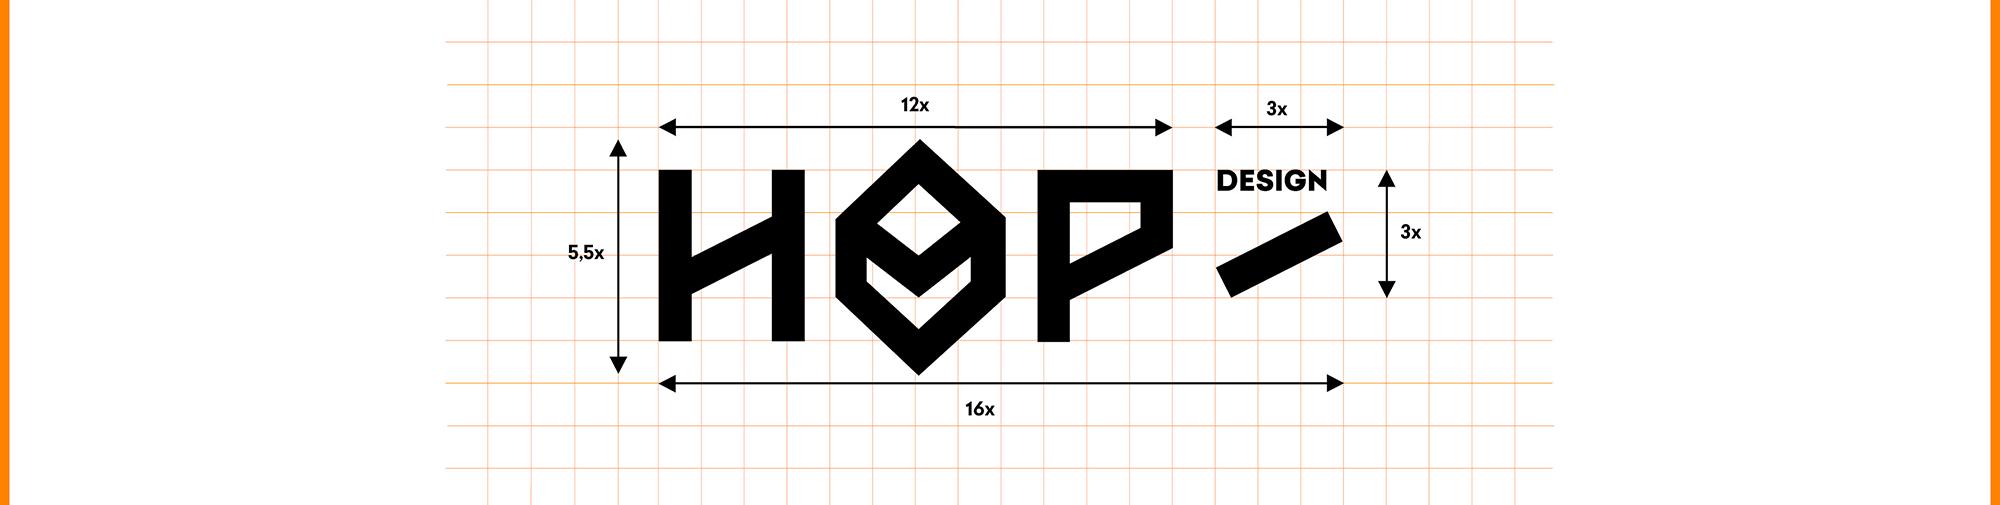 brandbook hop design by nina gregier (4)